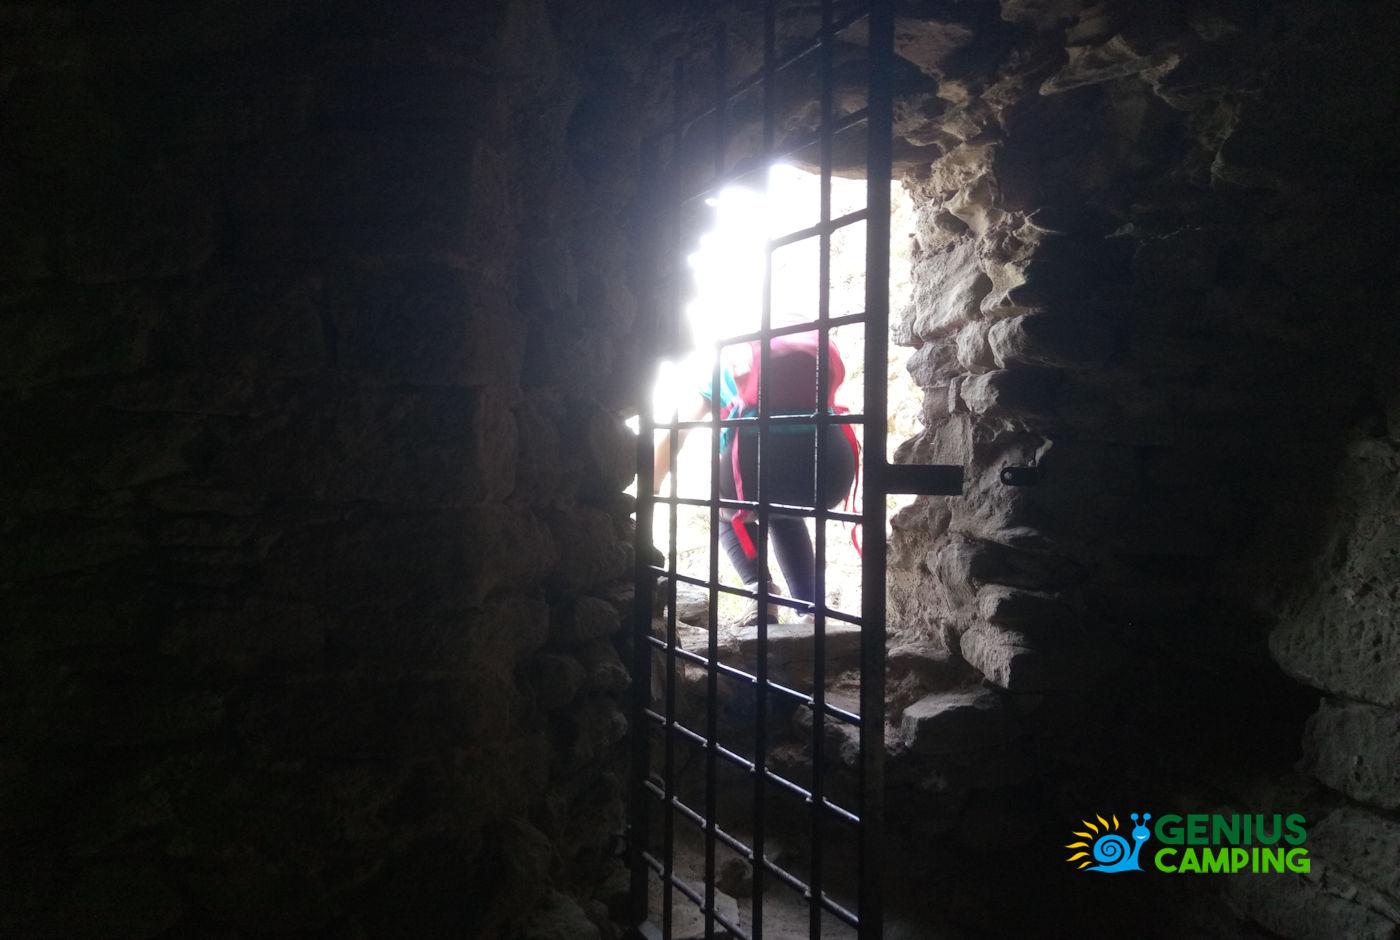 Valmarecchia e Montefeltro La rocca di Maioletto - Accesso alla rocca di Maioletto